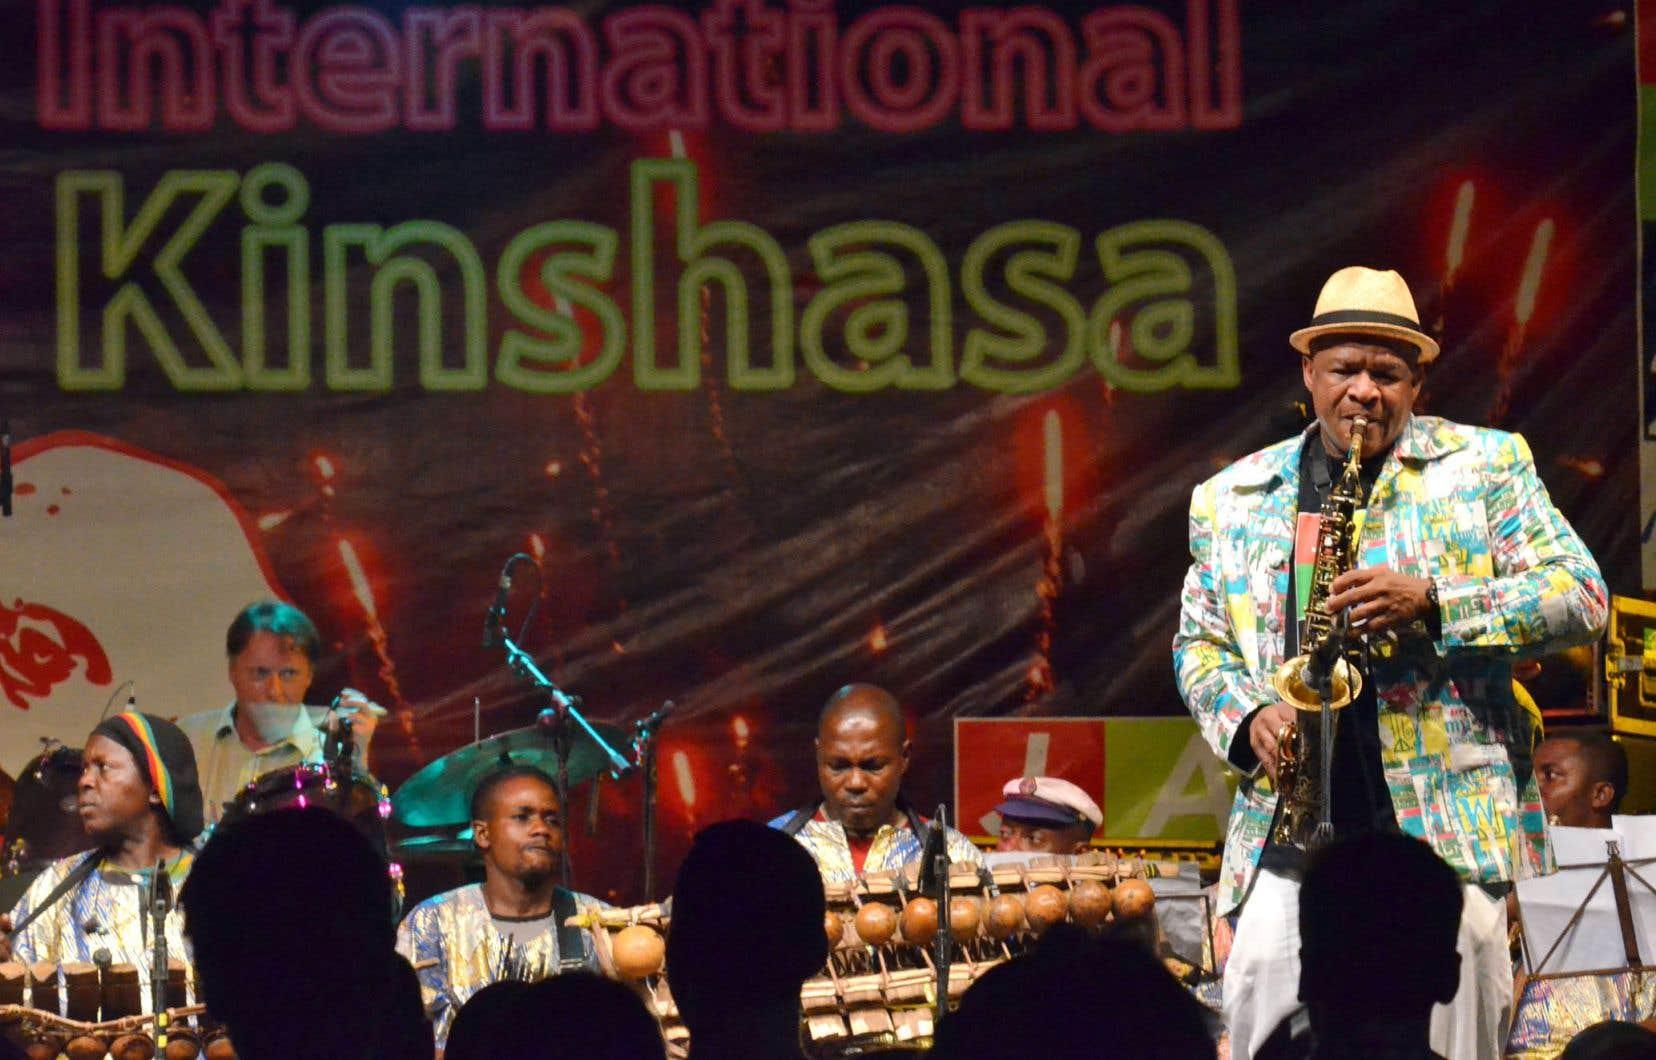 Le saxophoniste Ernest Dawkins avait rejoint les rangs de l'AACM au début de sa carrière. Sur la photo, le musicien donne un spectacle au festival de jazz de Kinshasa en 2012.